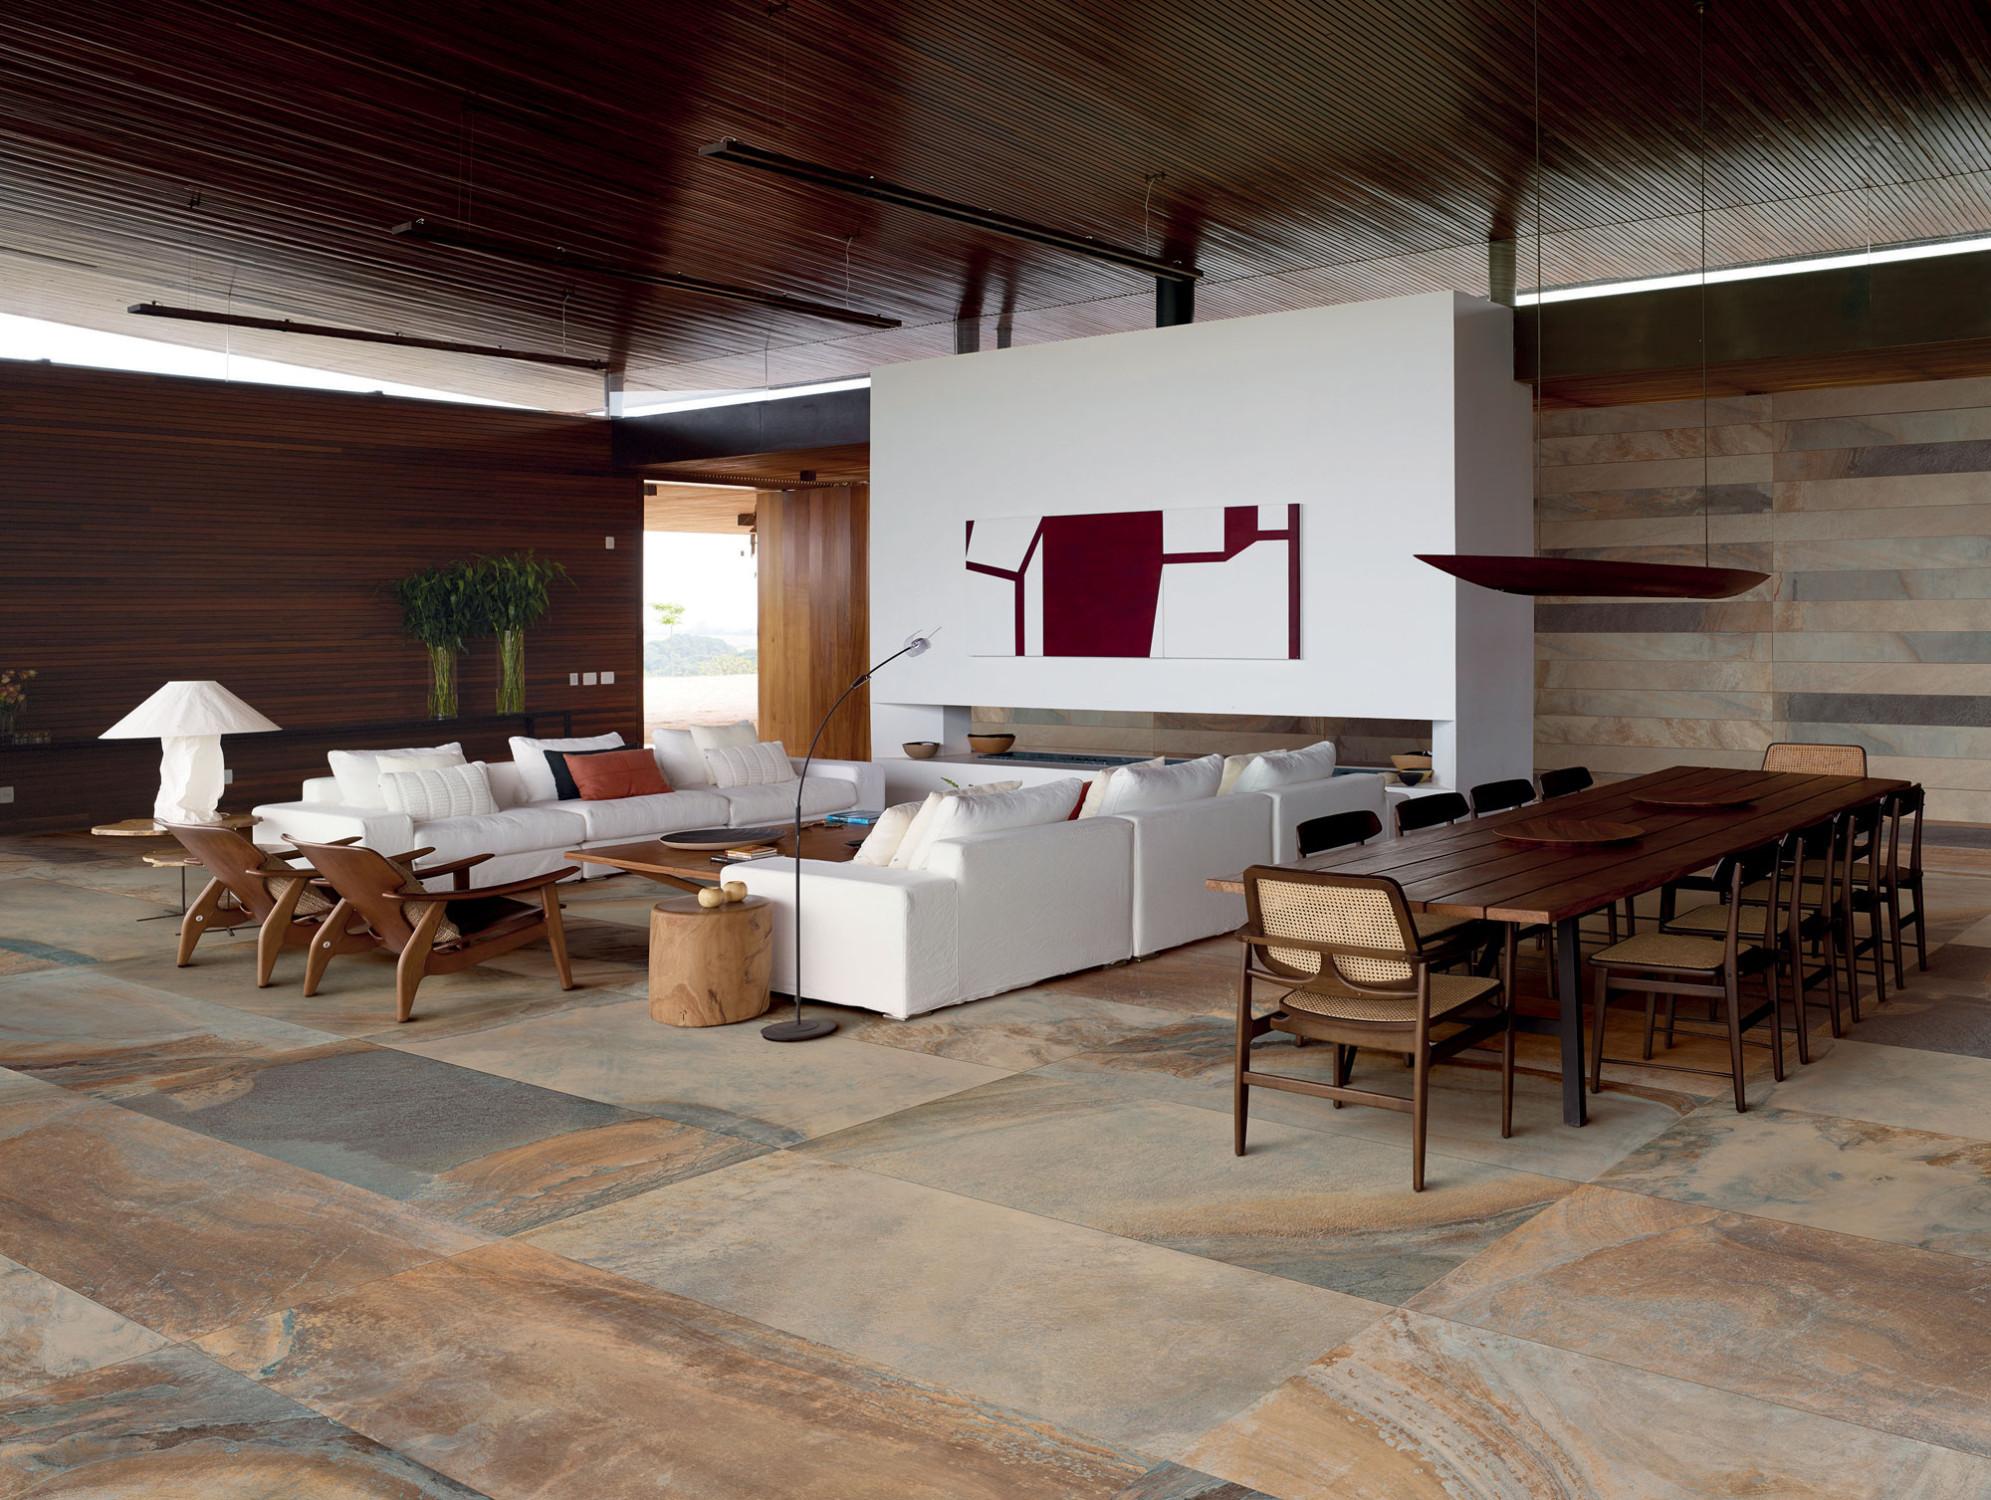 Wohnräume | Fliesen und Platten | Einsatzbereiche | Baunetz_Wissen